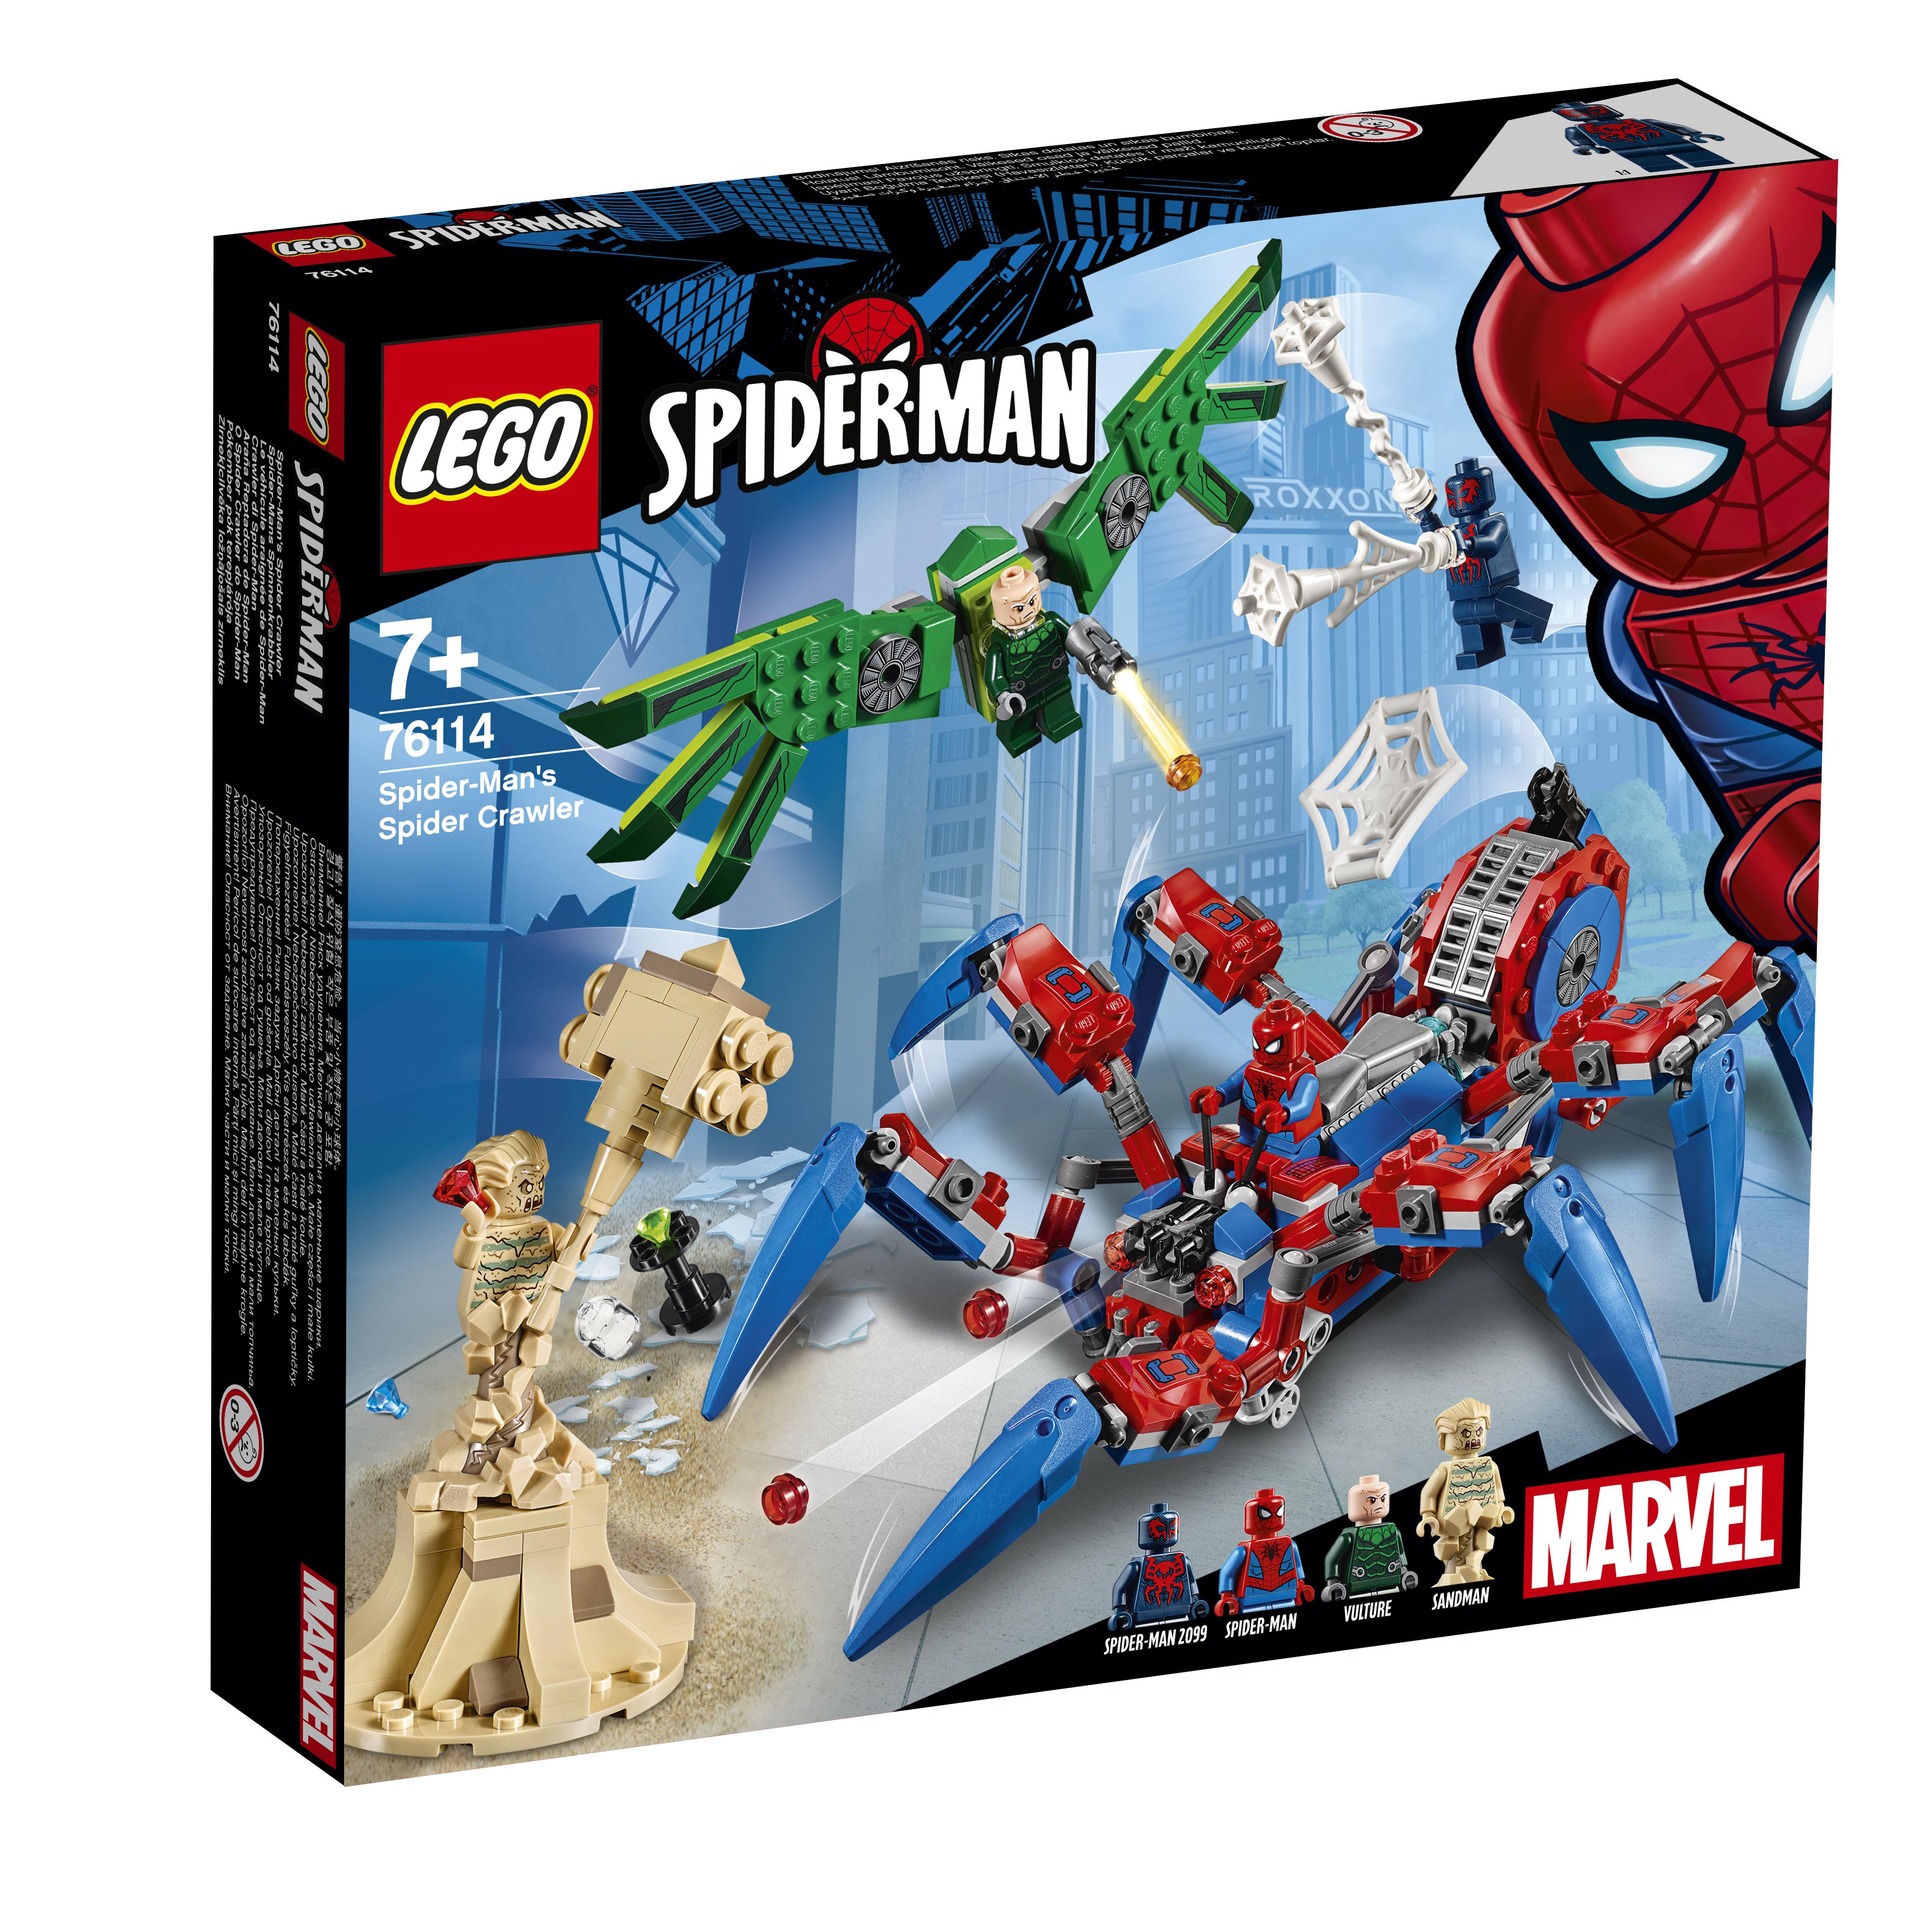 LEGO LEGO Конструктор LEGO Super Heroes 76114 Паучий вездеход конструктор lego вездеход исследователей вулканов 60122